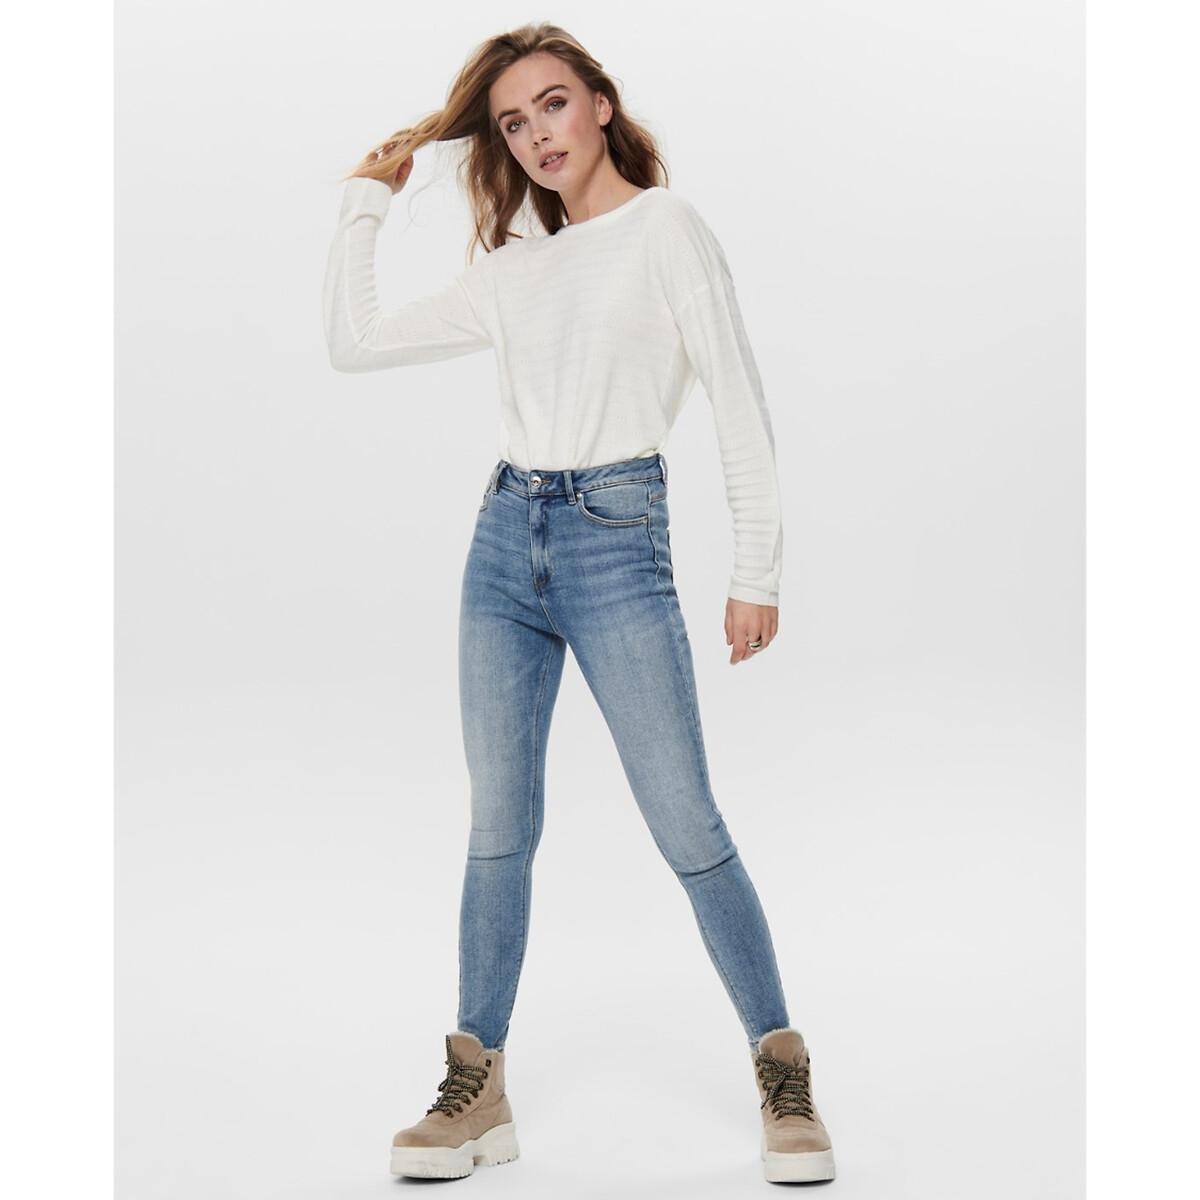 Пуловер La Redoute Из тонкого трикотажа с круглым вырезом XL бежевый пуловер la redoute с круглым вырезом из тонкого трикотажа m красный